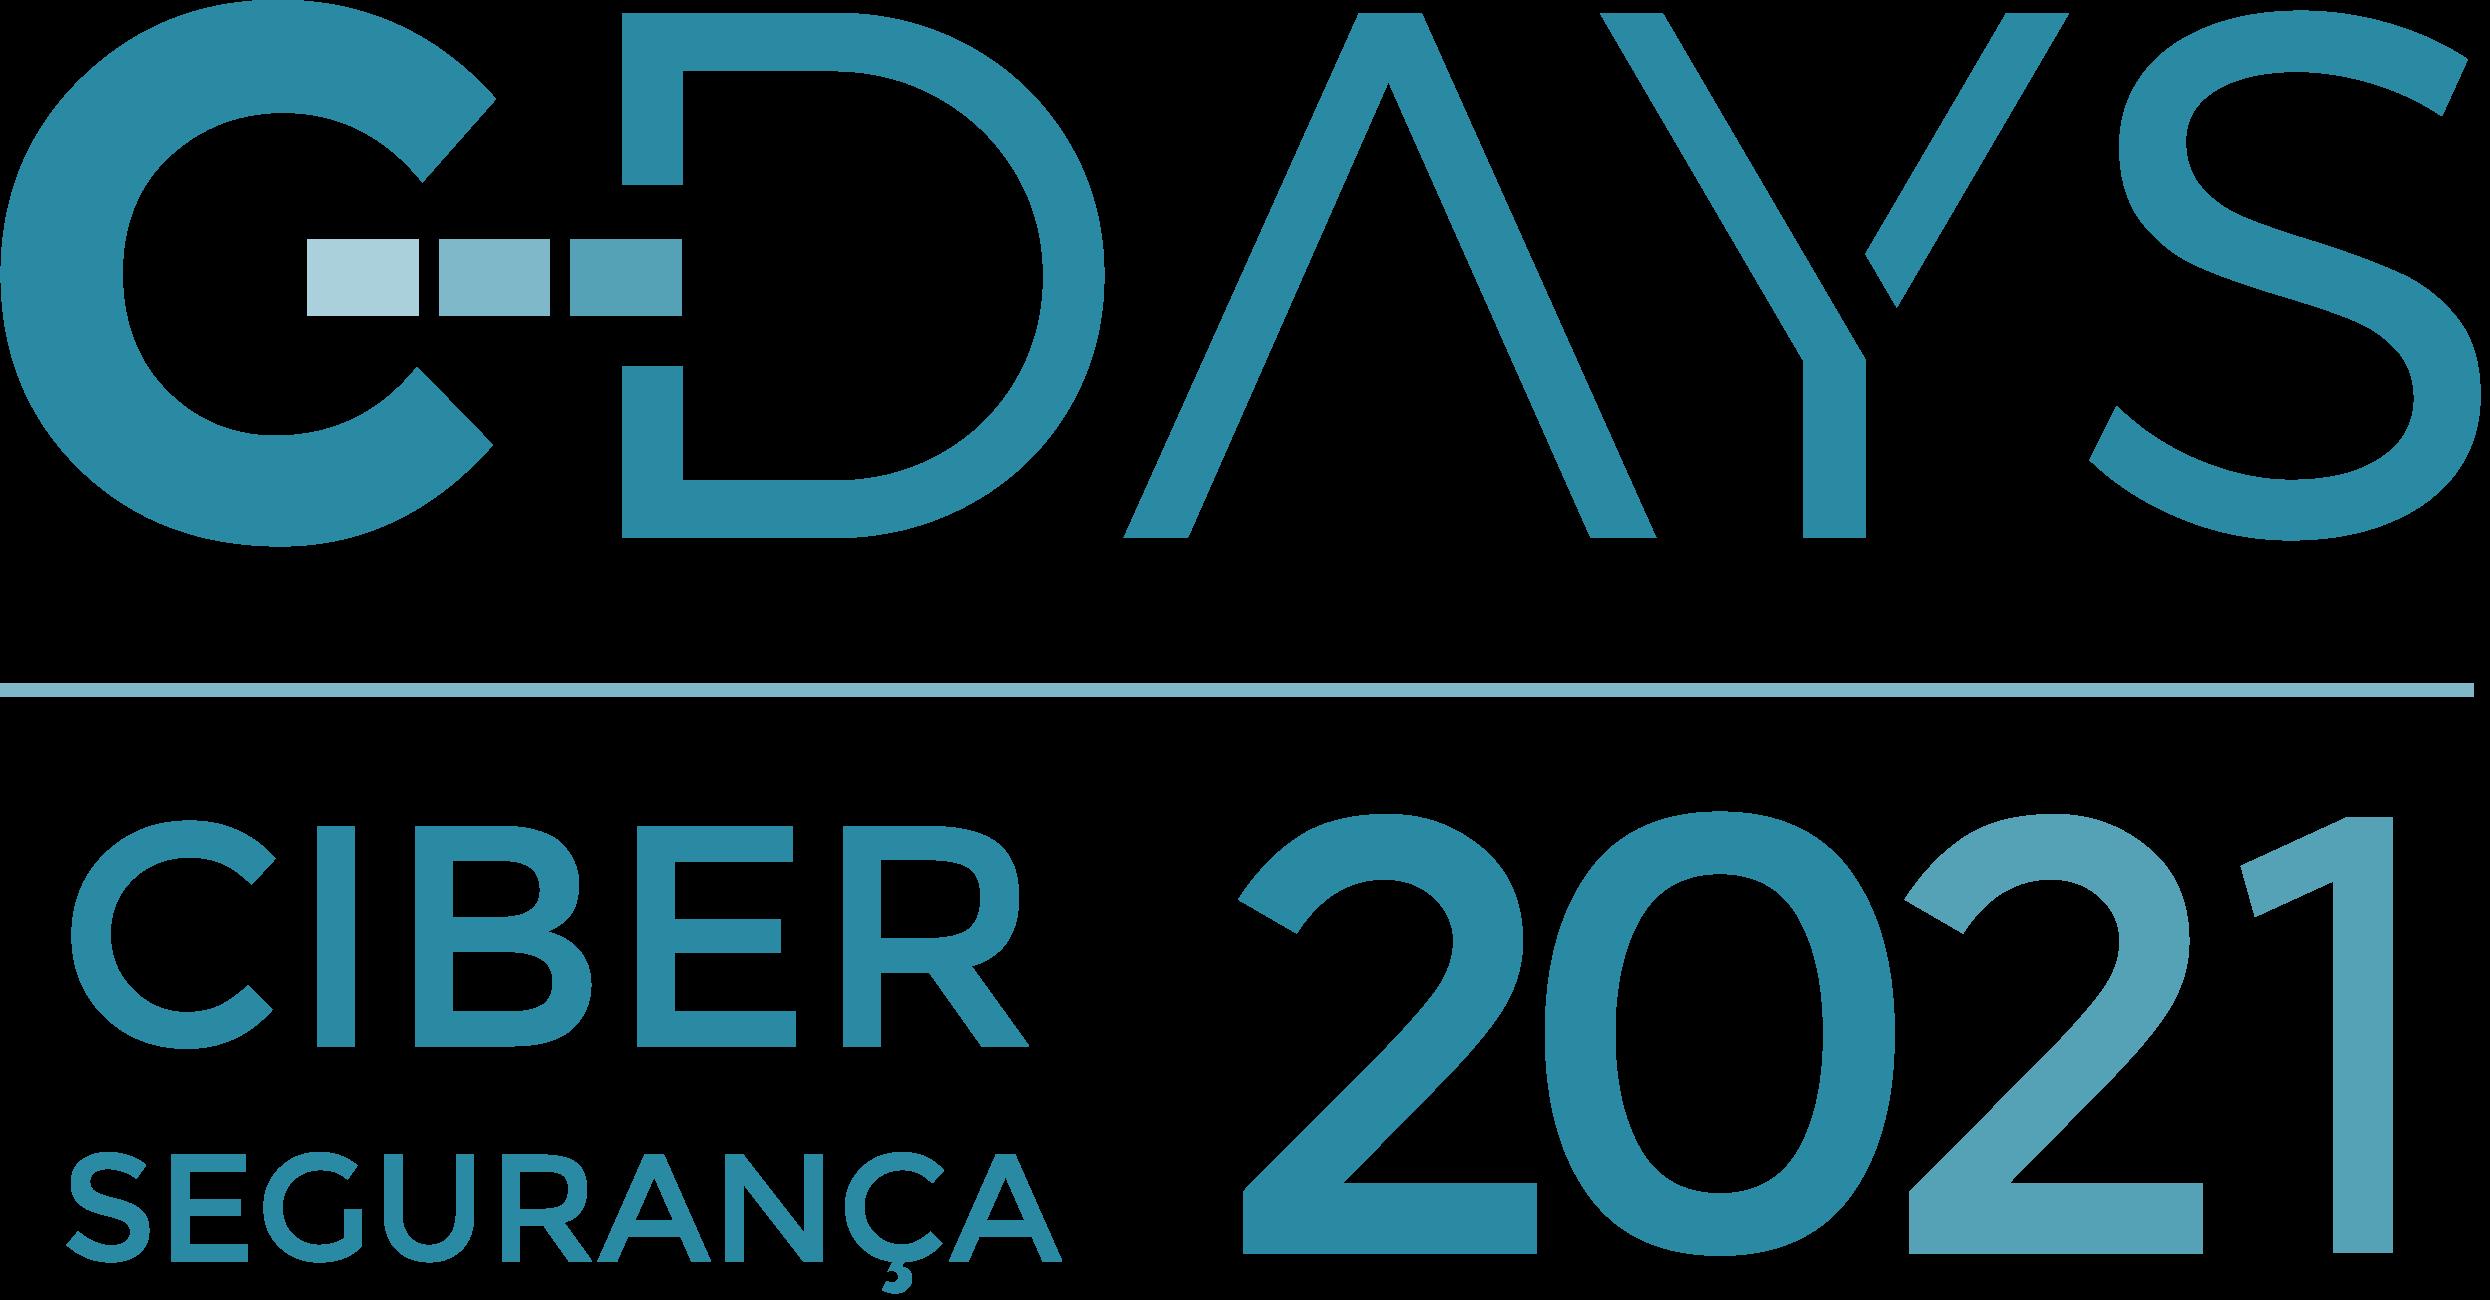 C-DAYS 2021